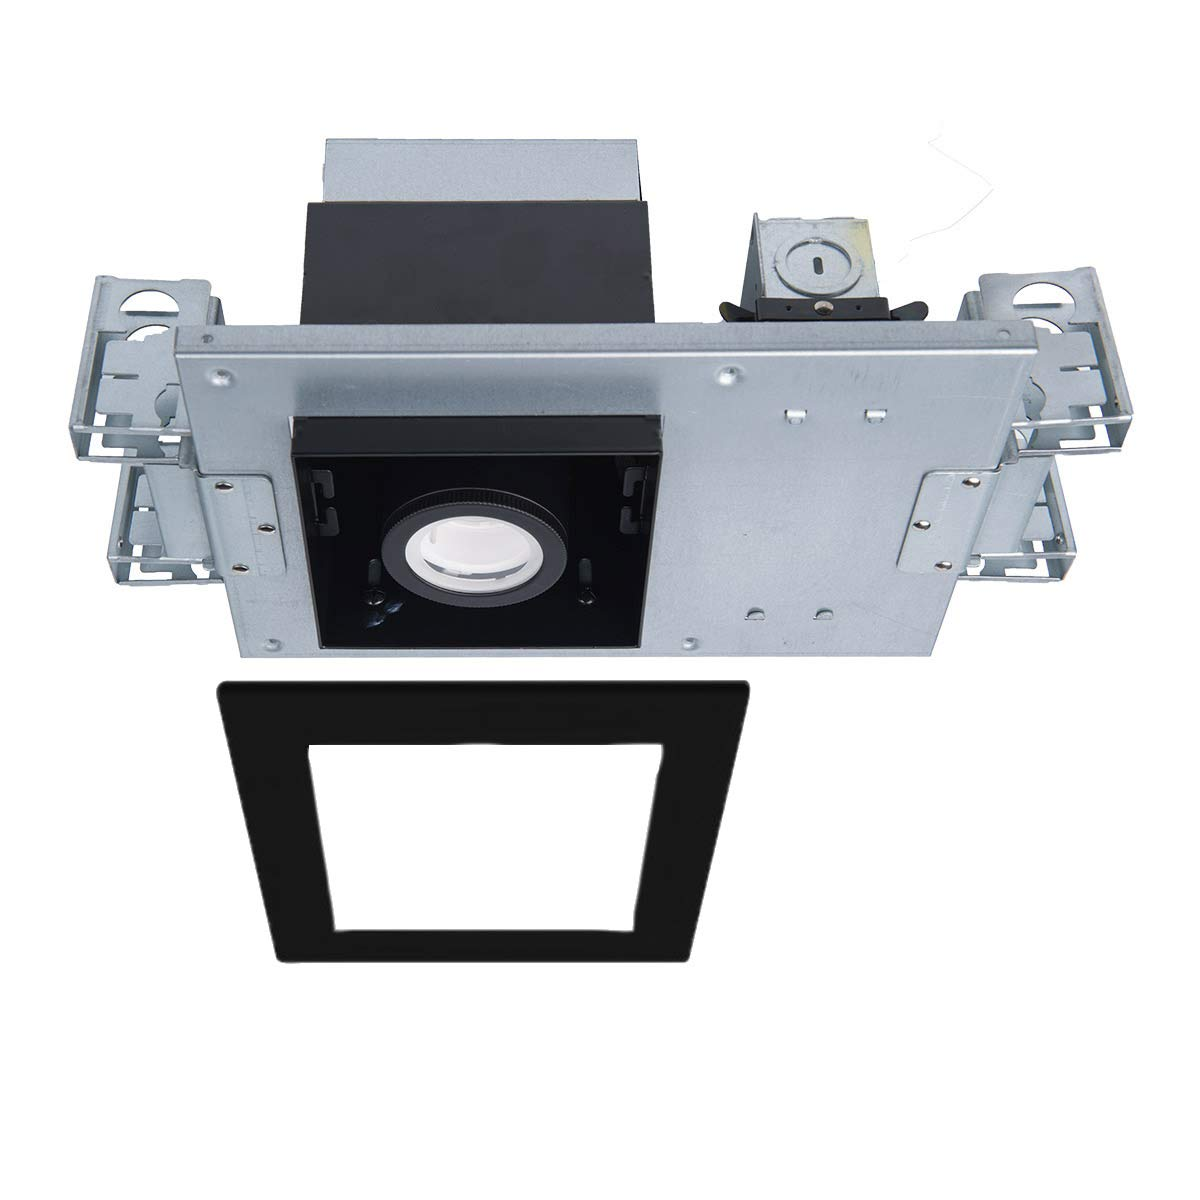 【驚きの値段で】 WAC Lighting MT-4110T-927-BKBK Silo Lighting 複数のシングル構造IC定格気密ライトエンジンハウジング&LED WAC MT-4110T-927-BKBK、ブラック B07HGVY2KQ, フラワーショップ ラ フランス:f6b2fec3 --- a0267596.xsph.ru